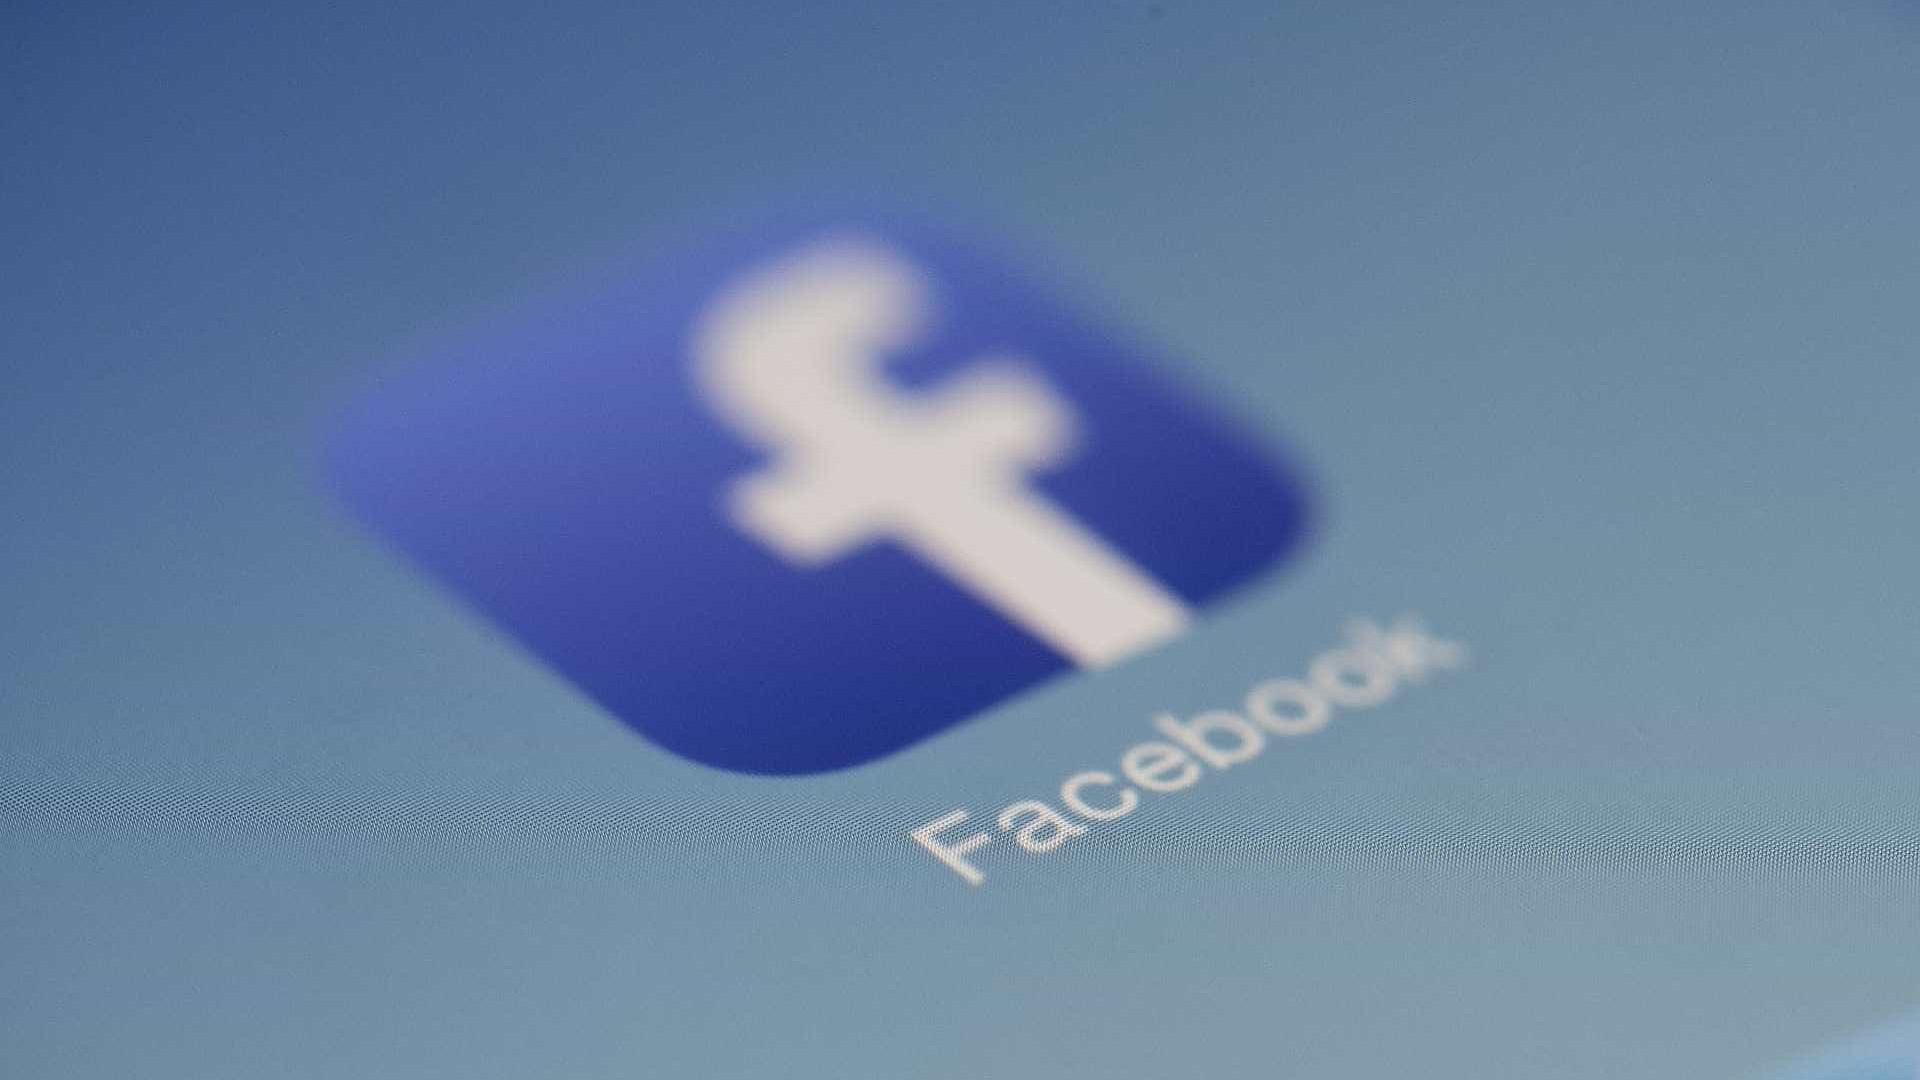 Mudanças no Facebook podem favorecer 'noticías falsas'